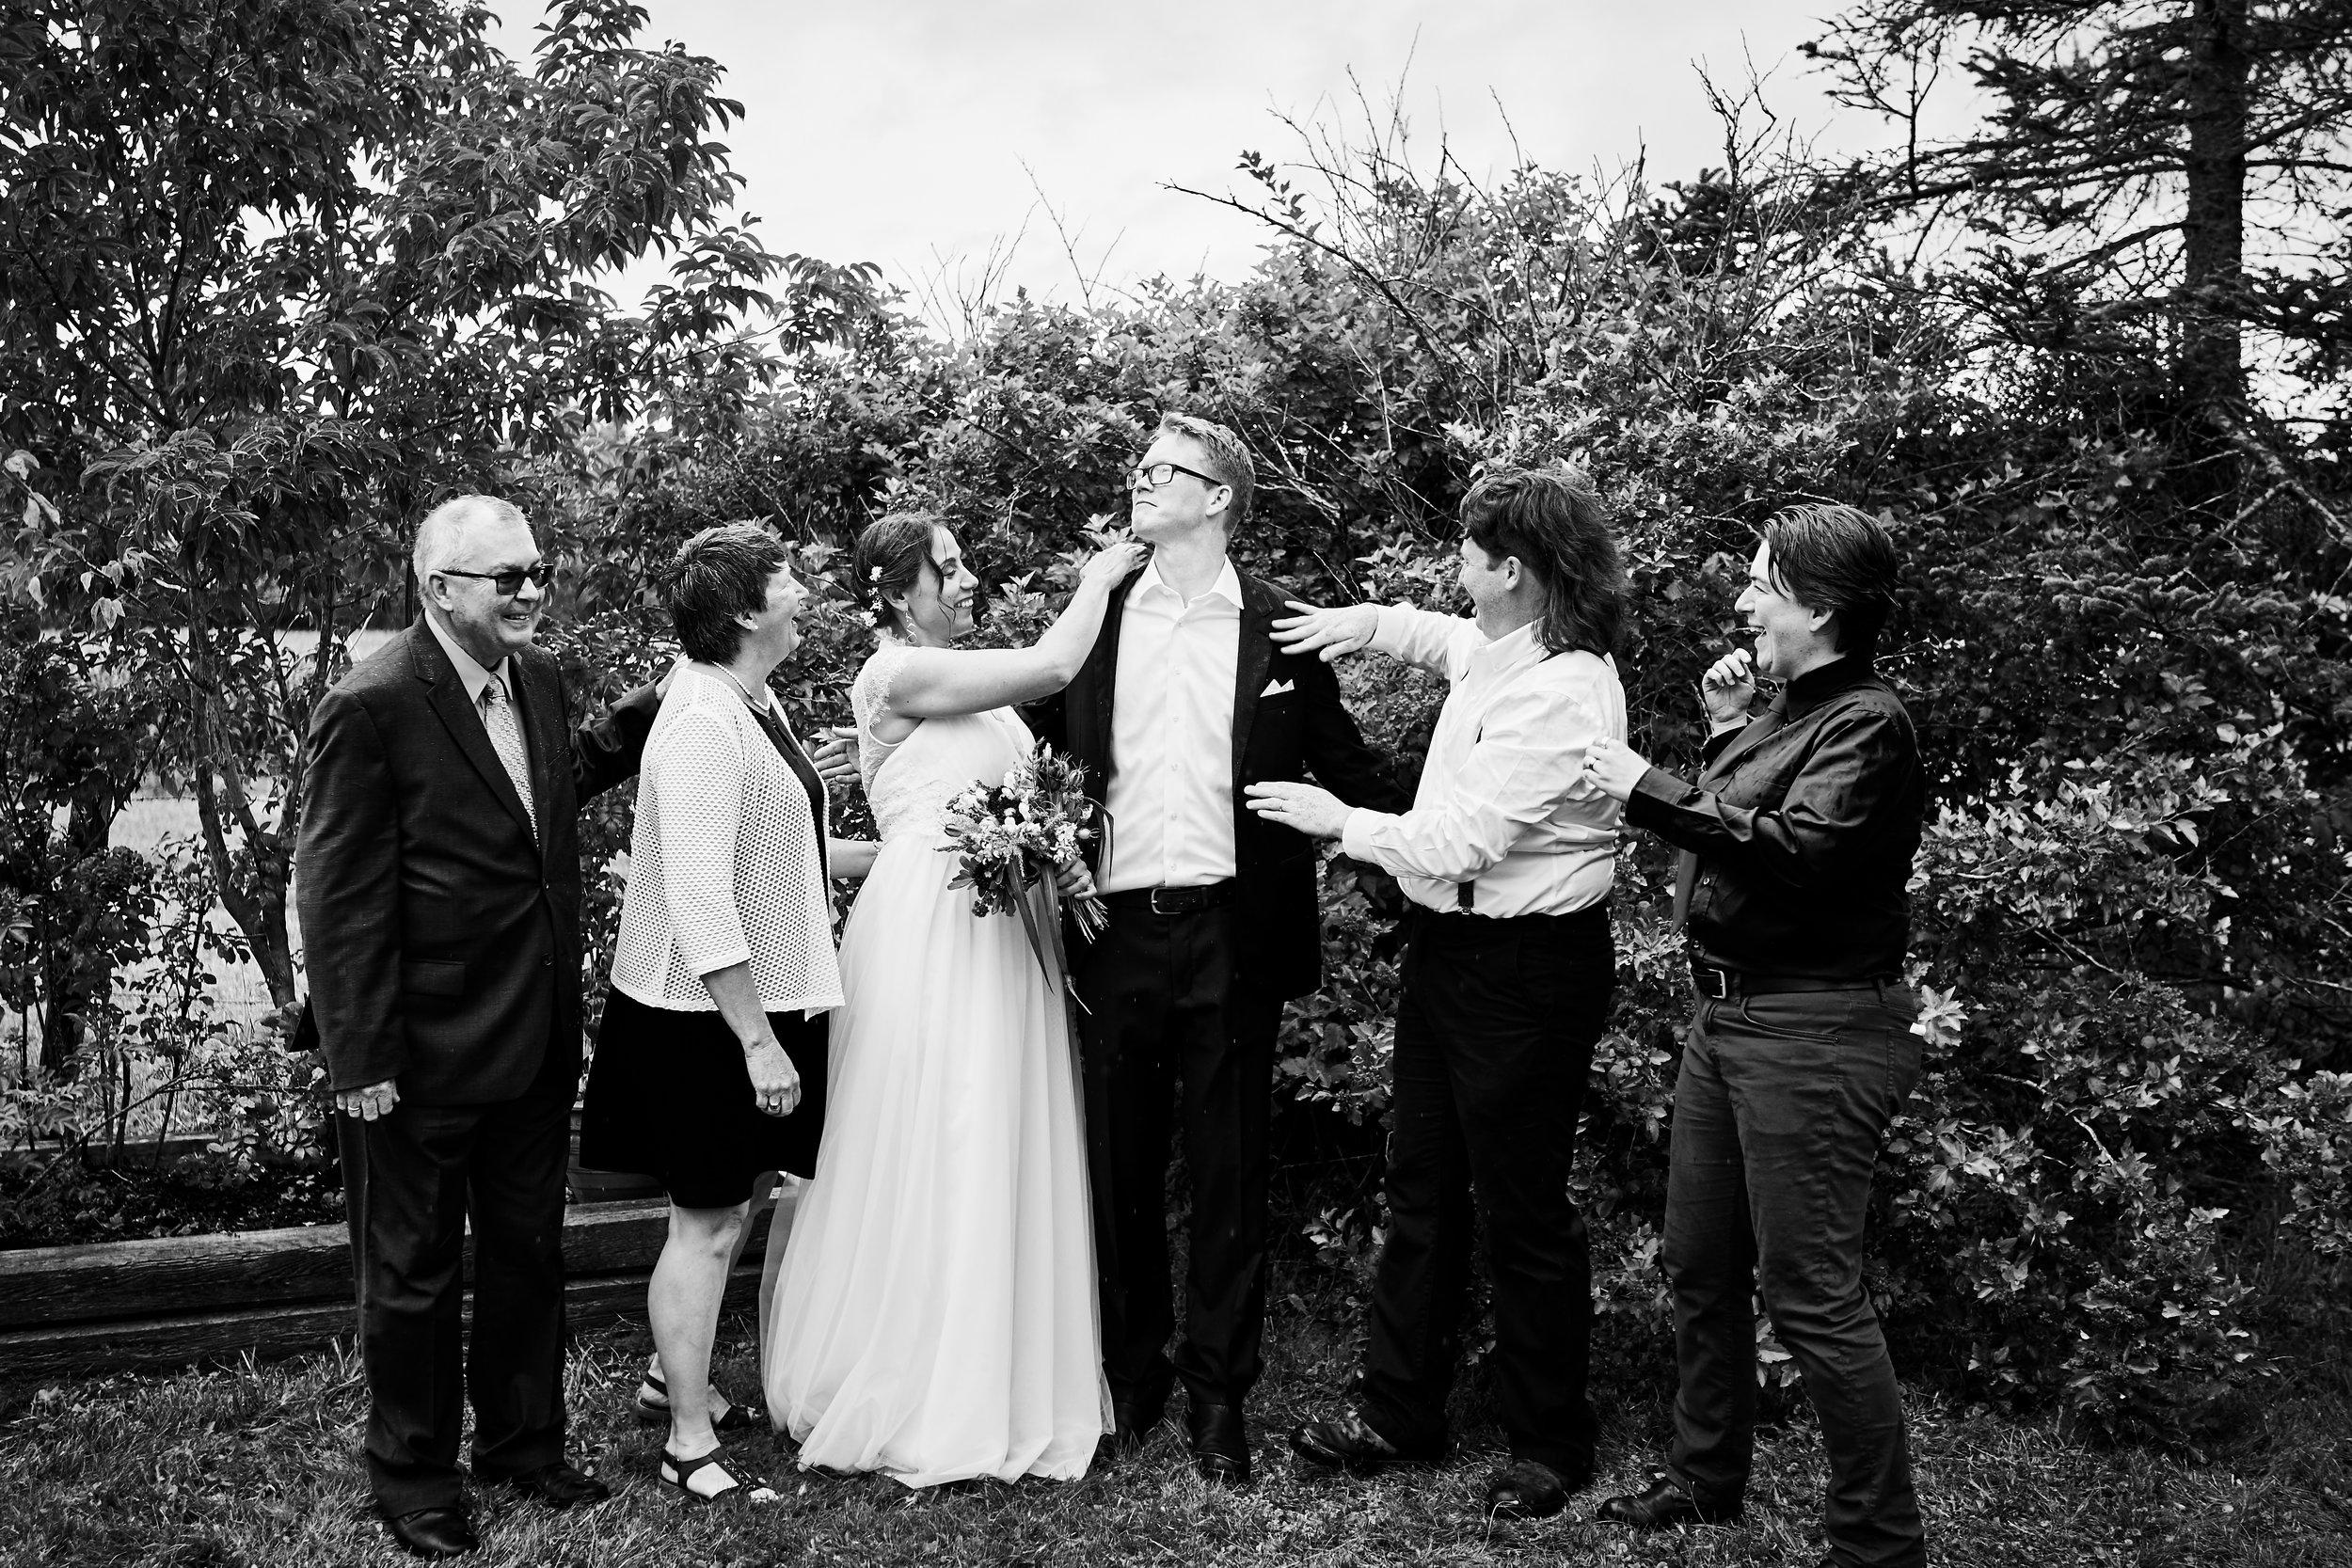 Amy-Lee & James' Wedding 426.jpg